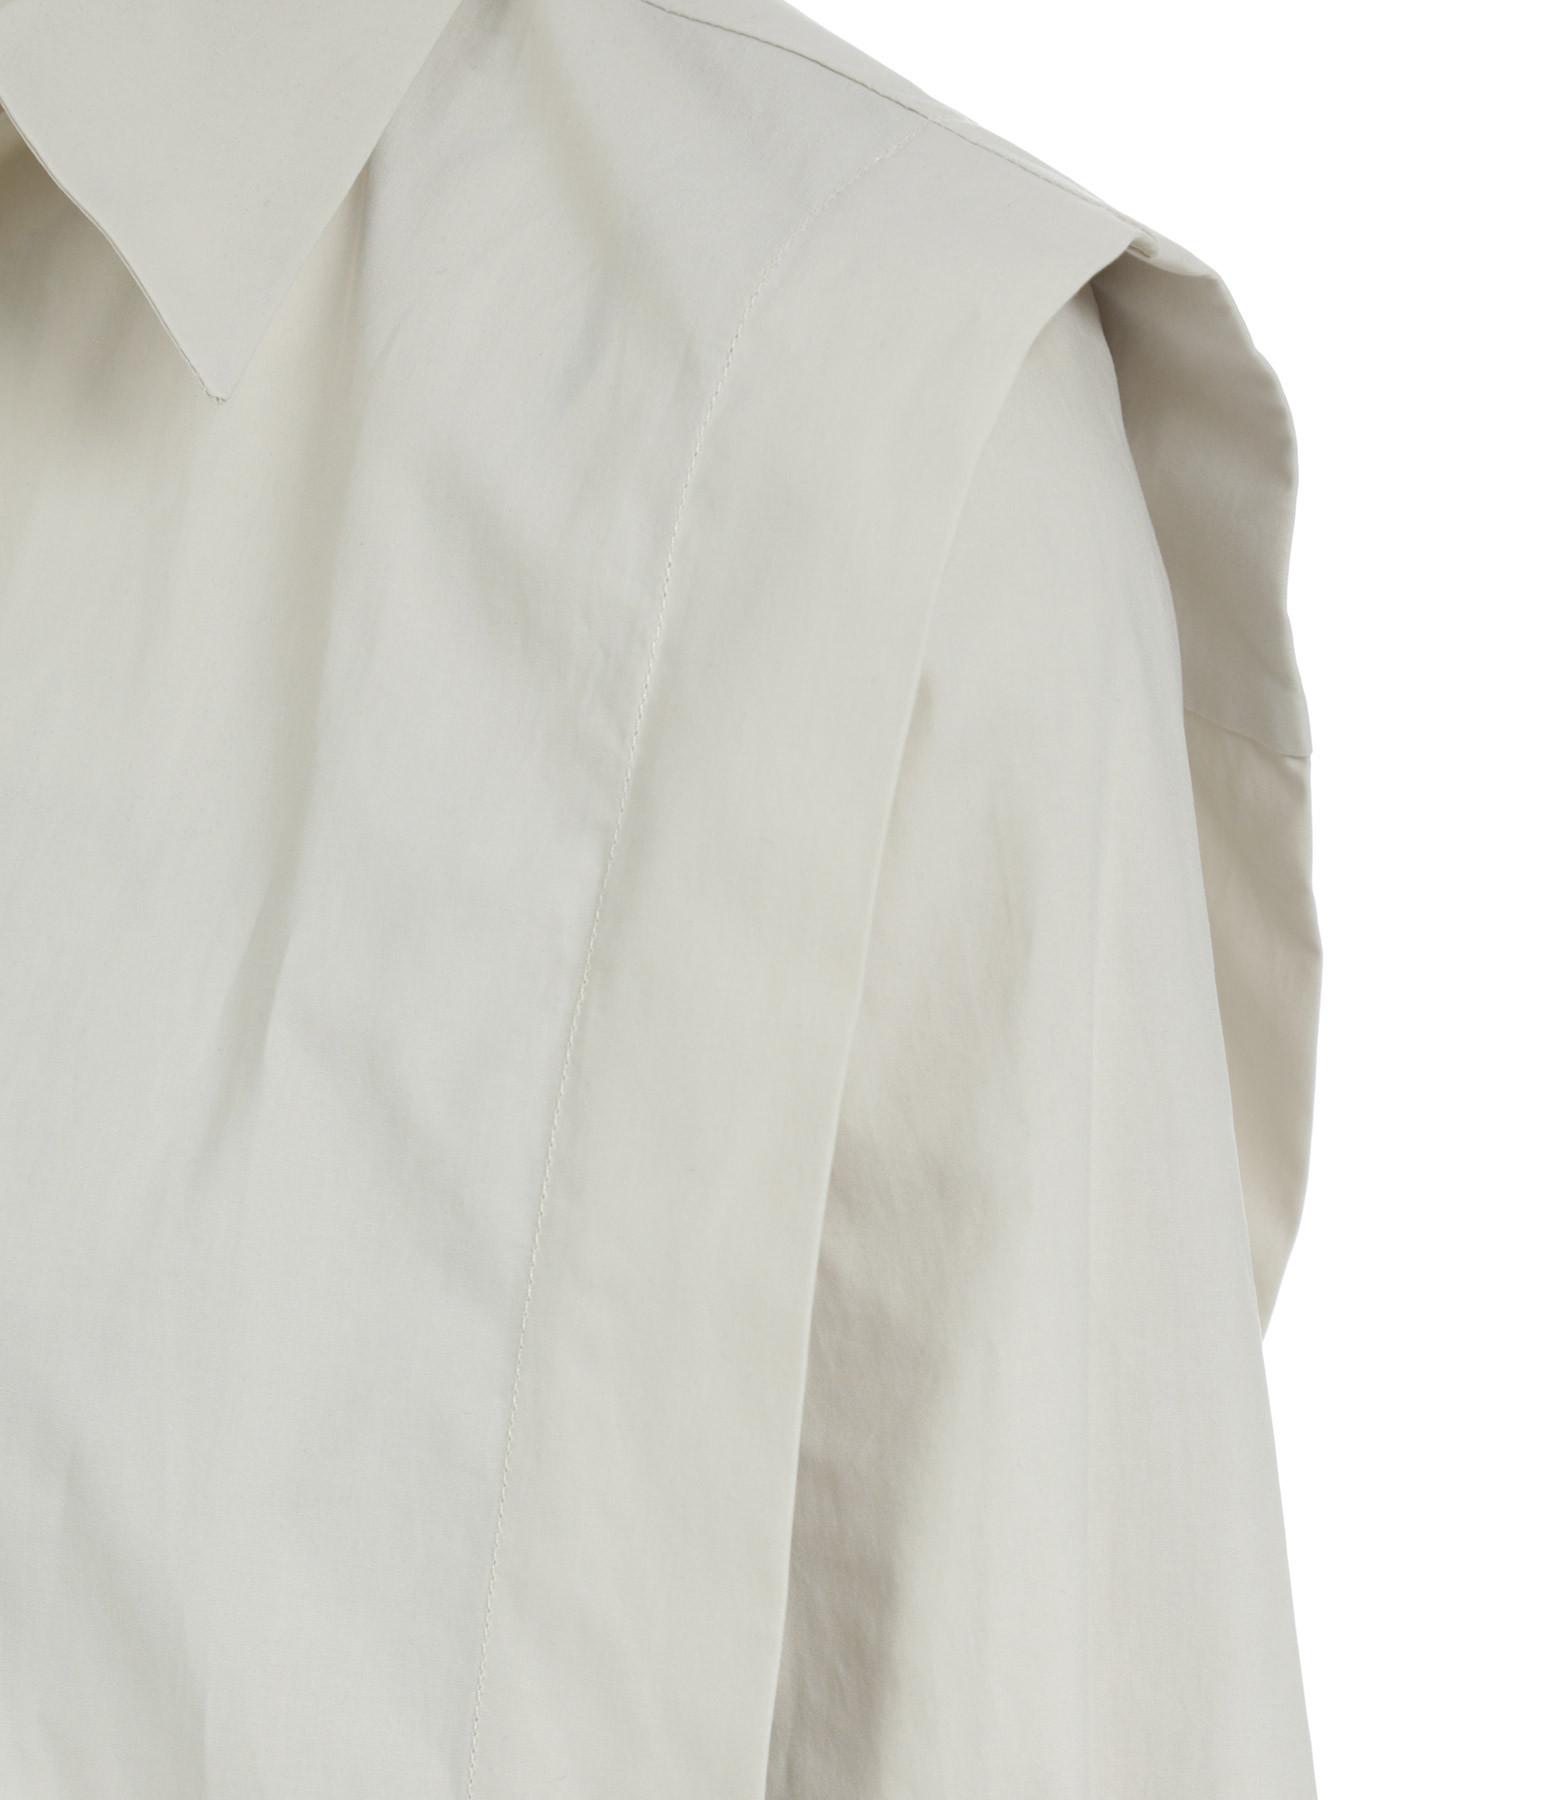 ISABEL MARANT - Chemise Kigalki Coton Craie